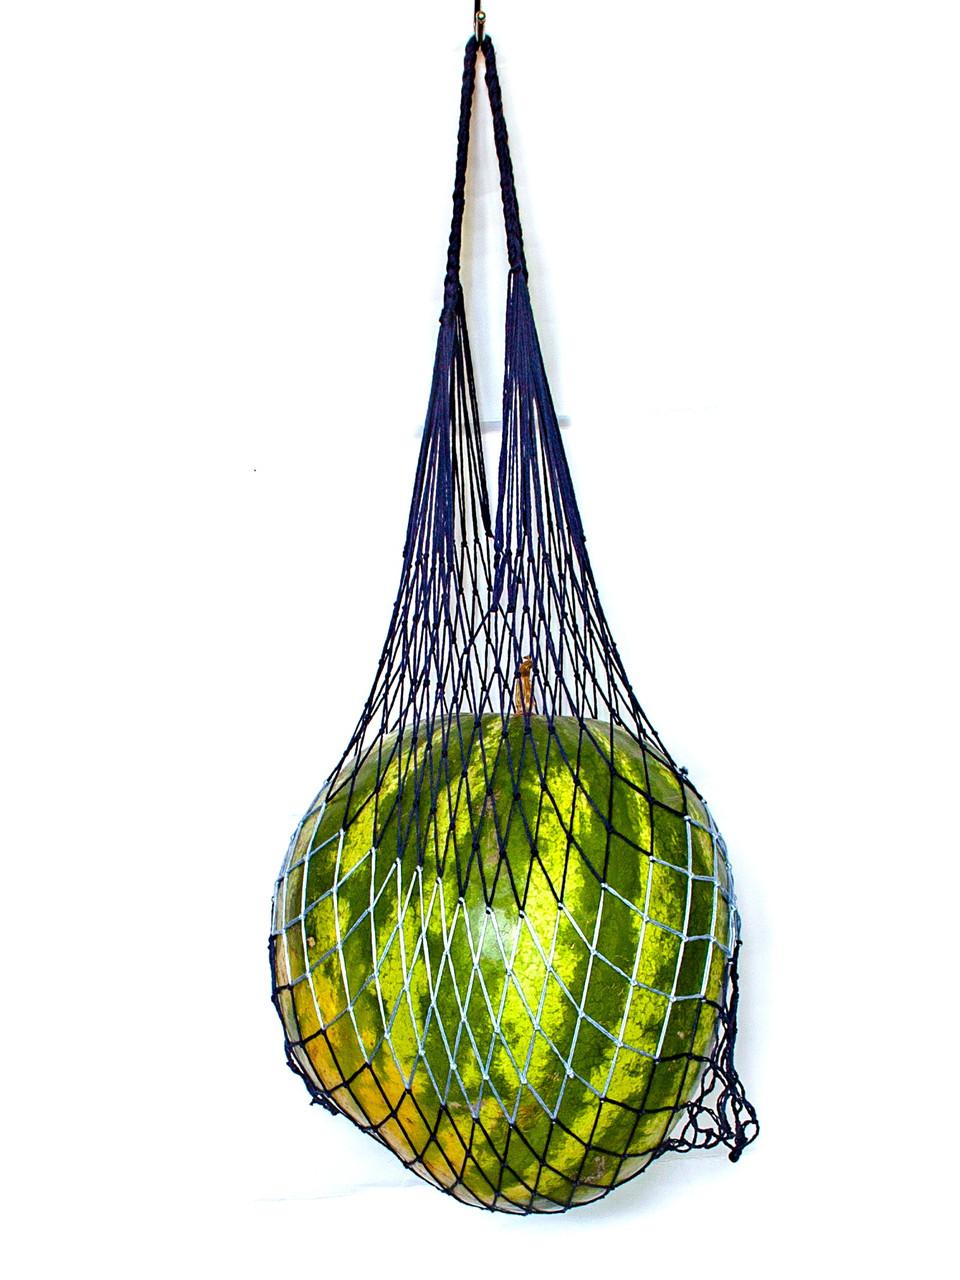 Эко сумка - Сумка для Арбуза - Шопер сумка - Эксклюзивная Французская сумка